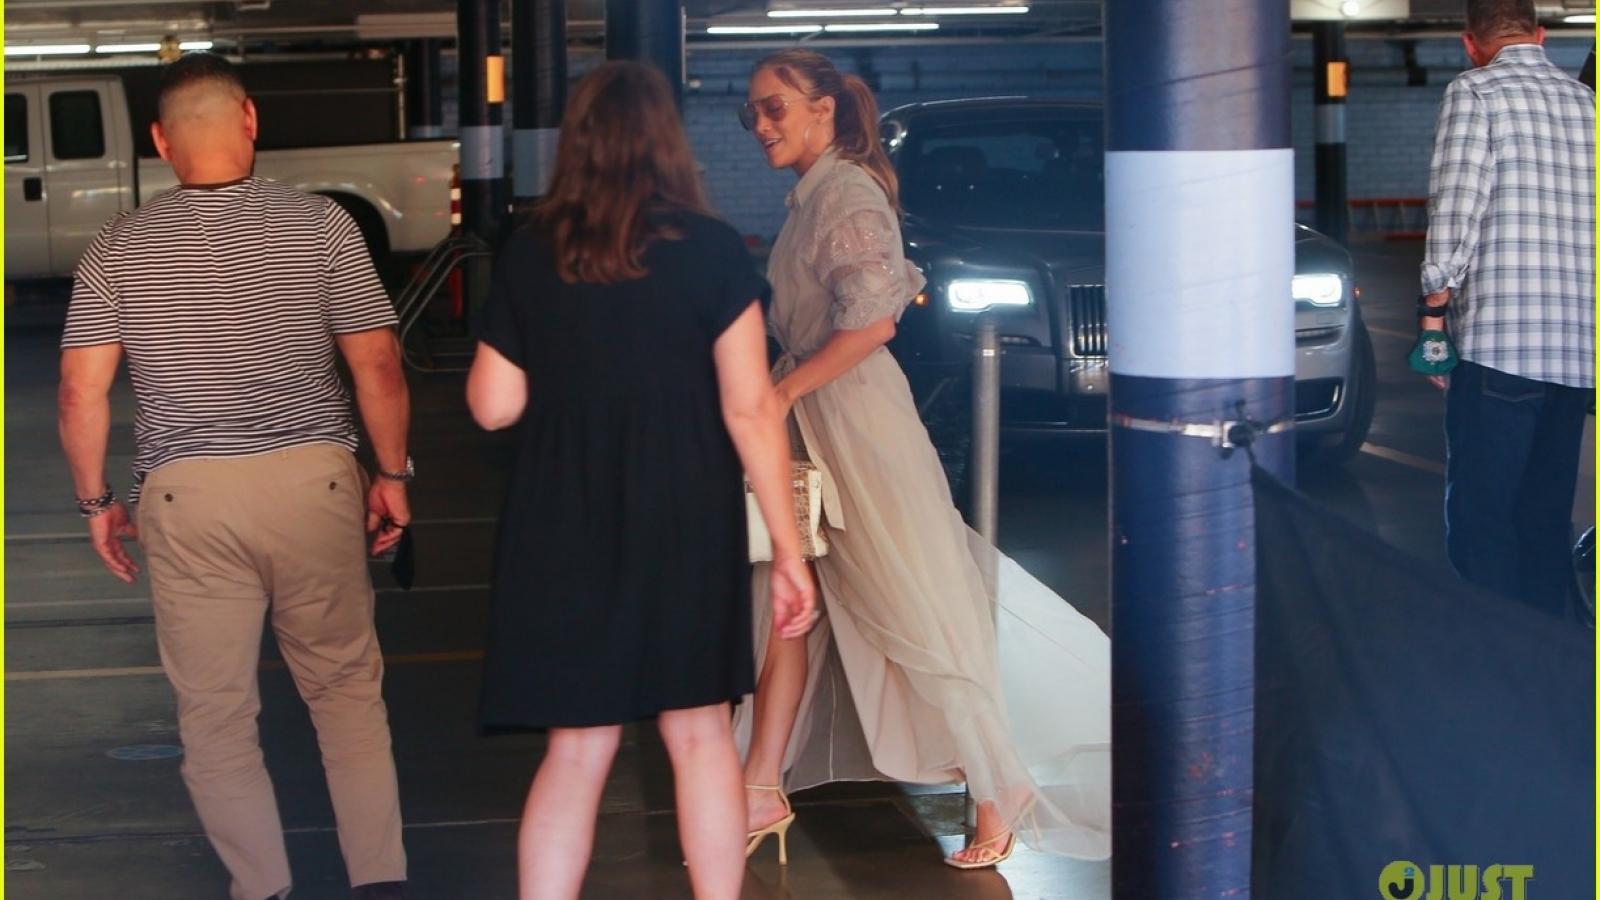 Jennifer Lopez thanh lịch đến dự cuộc họp kinh doanh ở Los Angeles